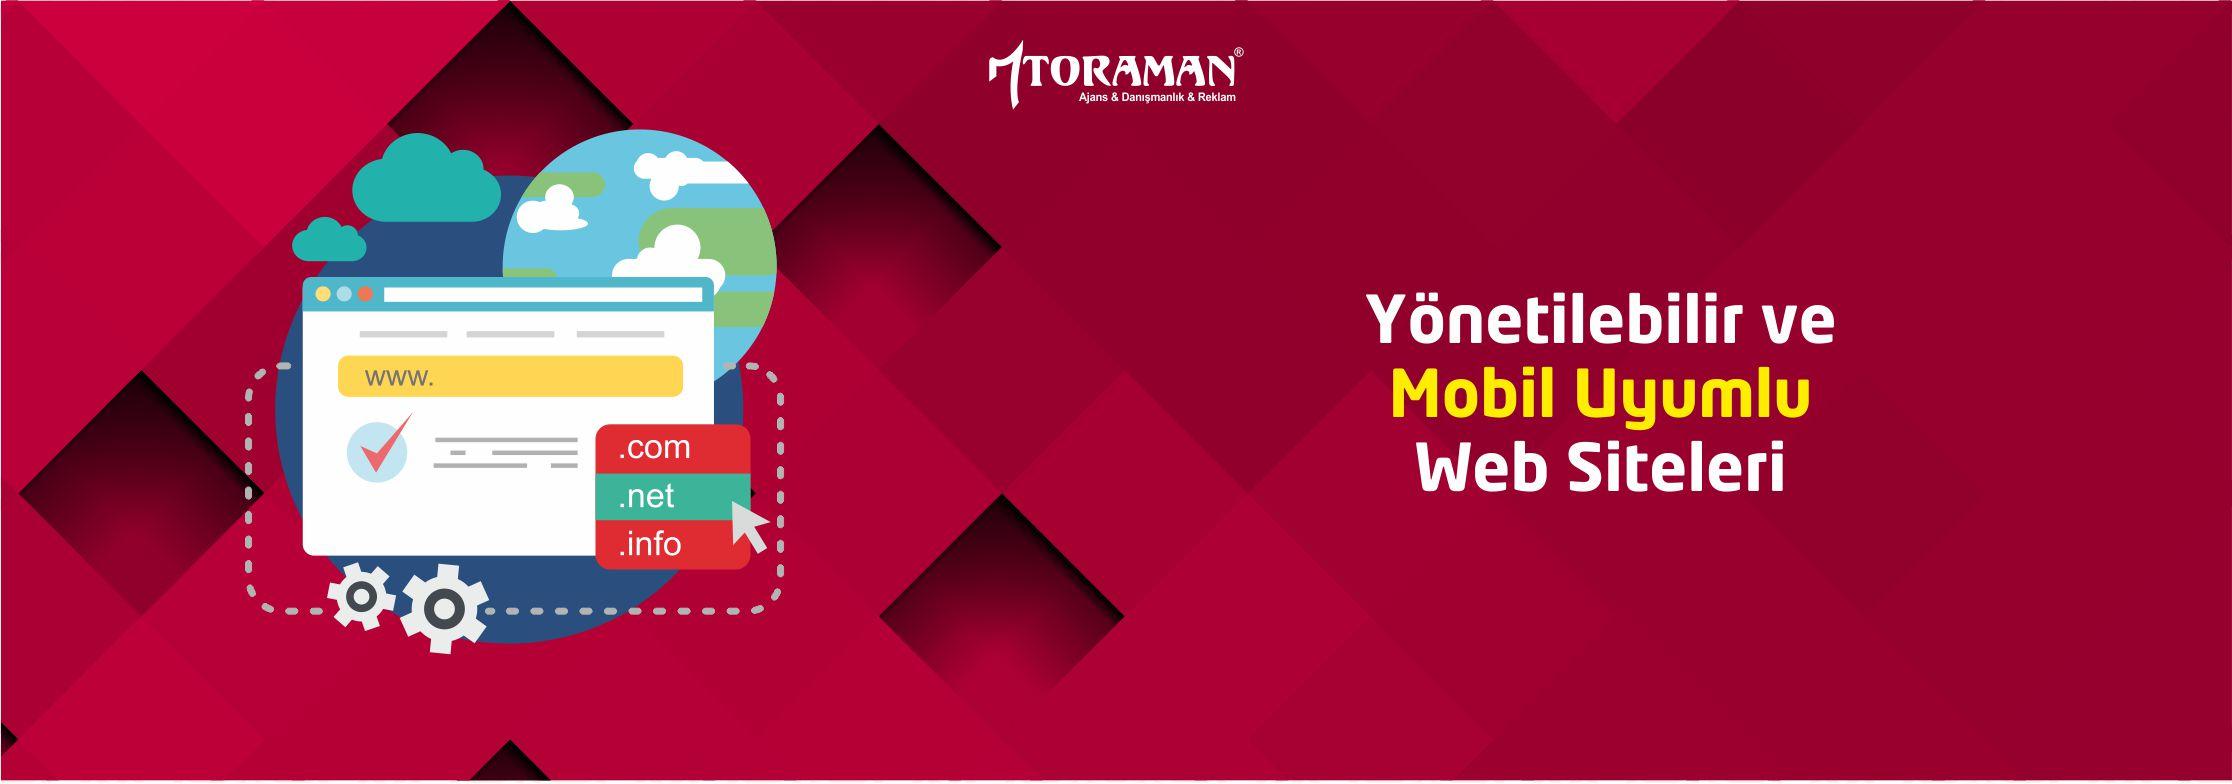 Yönetilebilir ve Mobil Uyumlu Web Siteleri